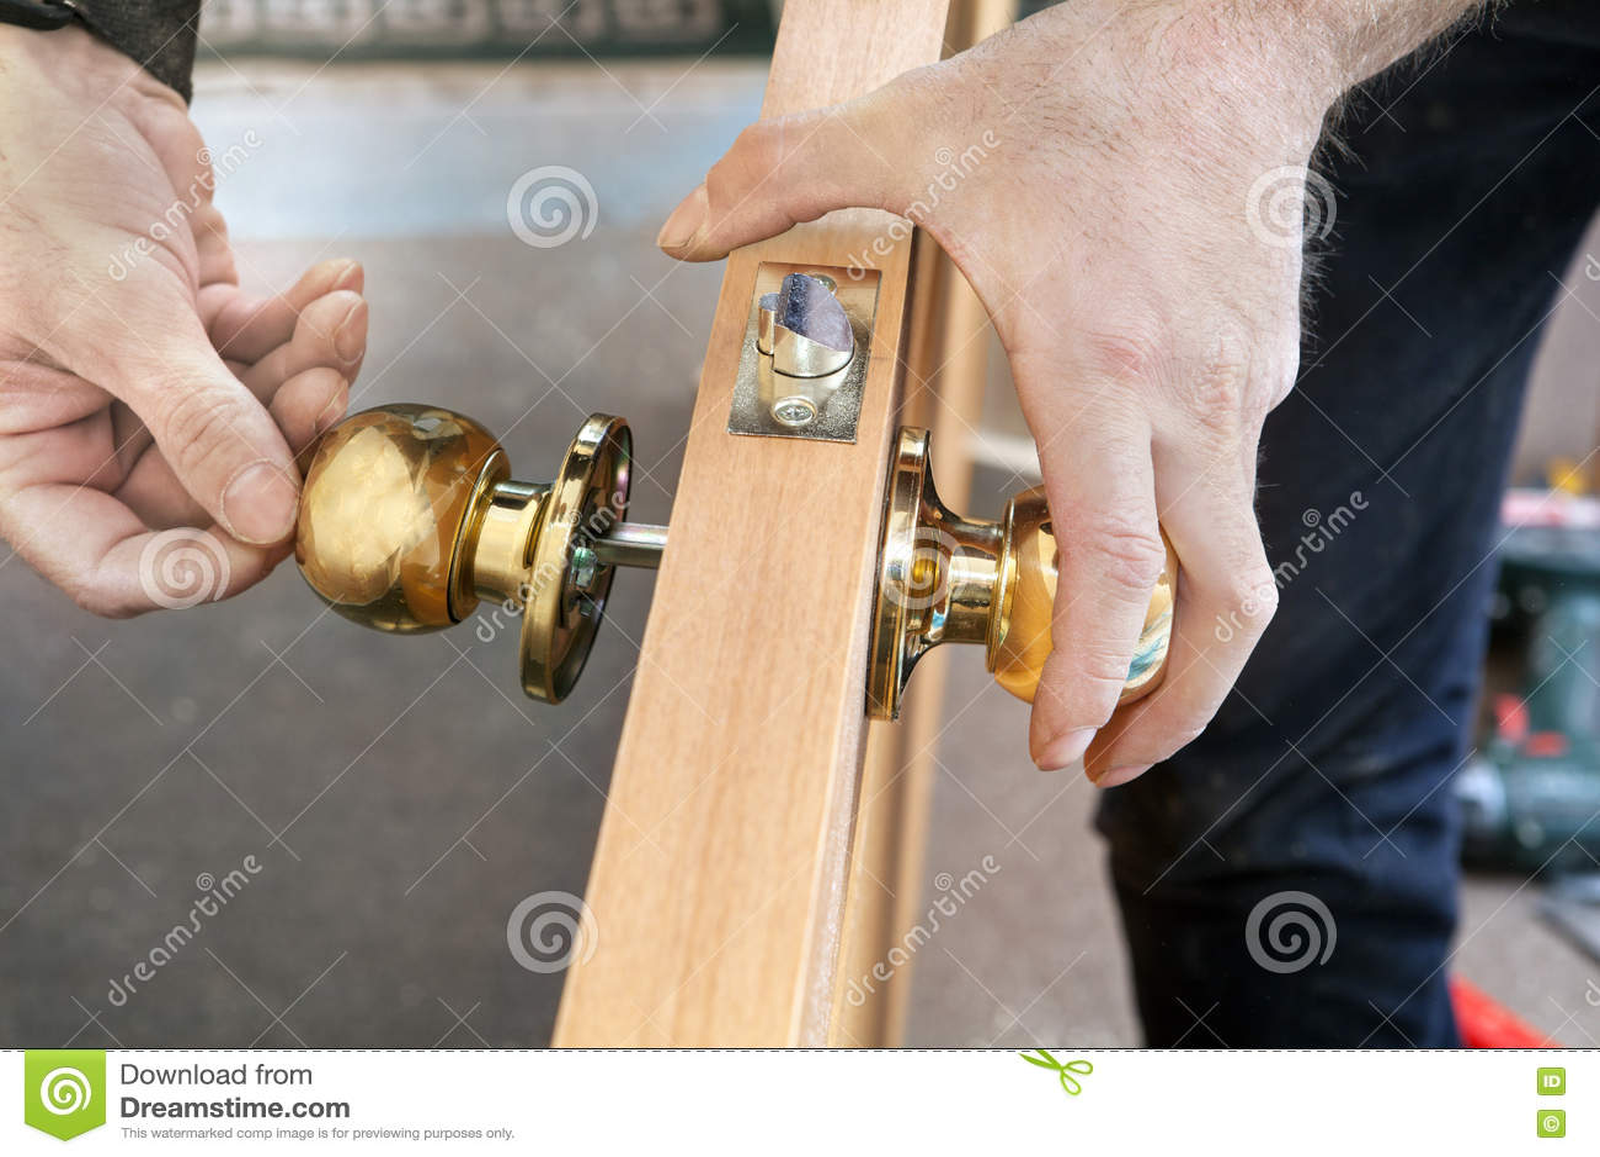 Installez la porte int rieure bouton de b ti de menuisier for Bati porte interieure